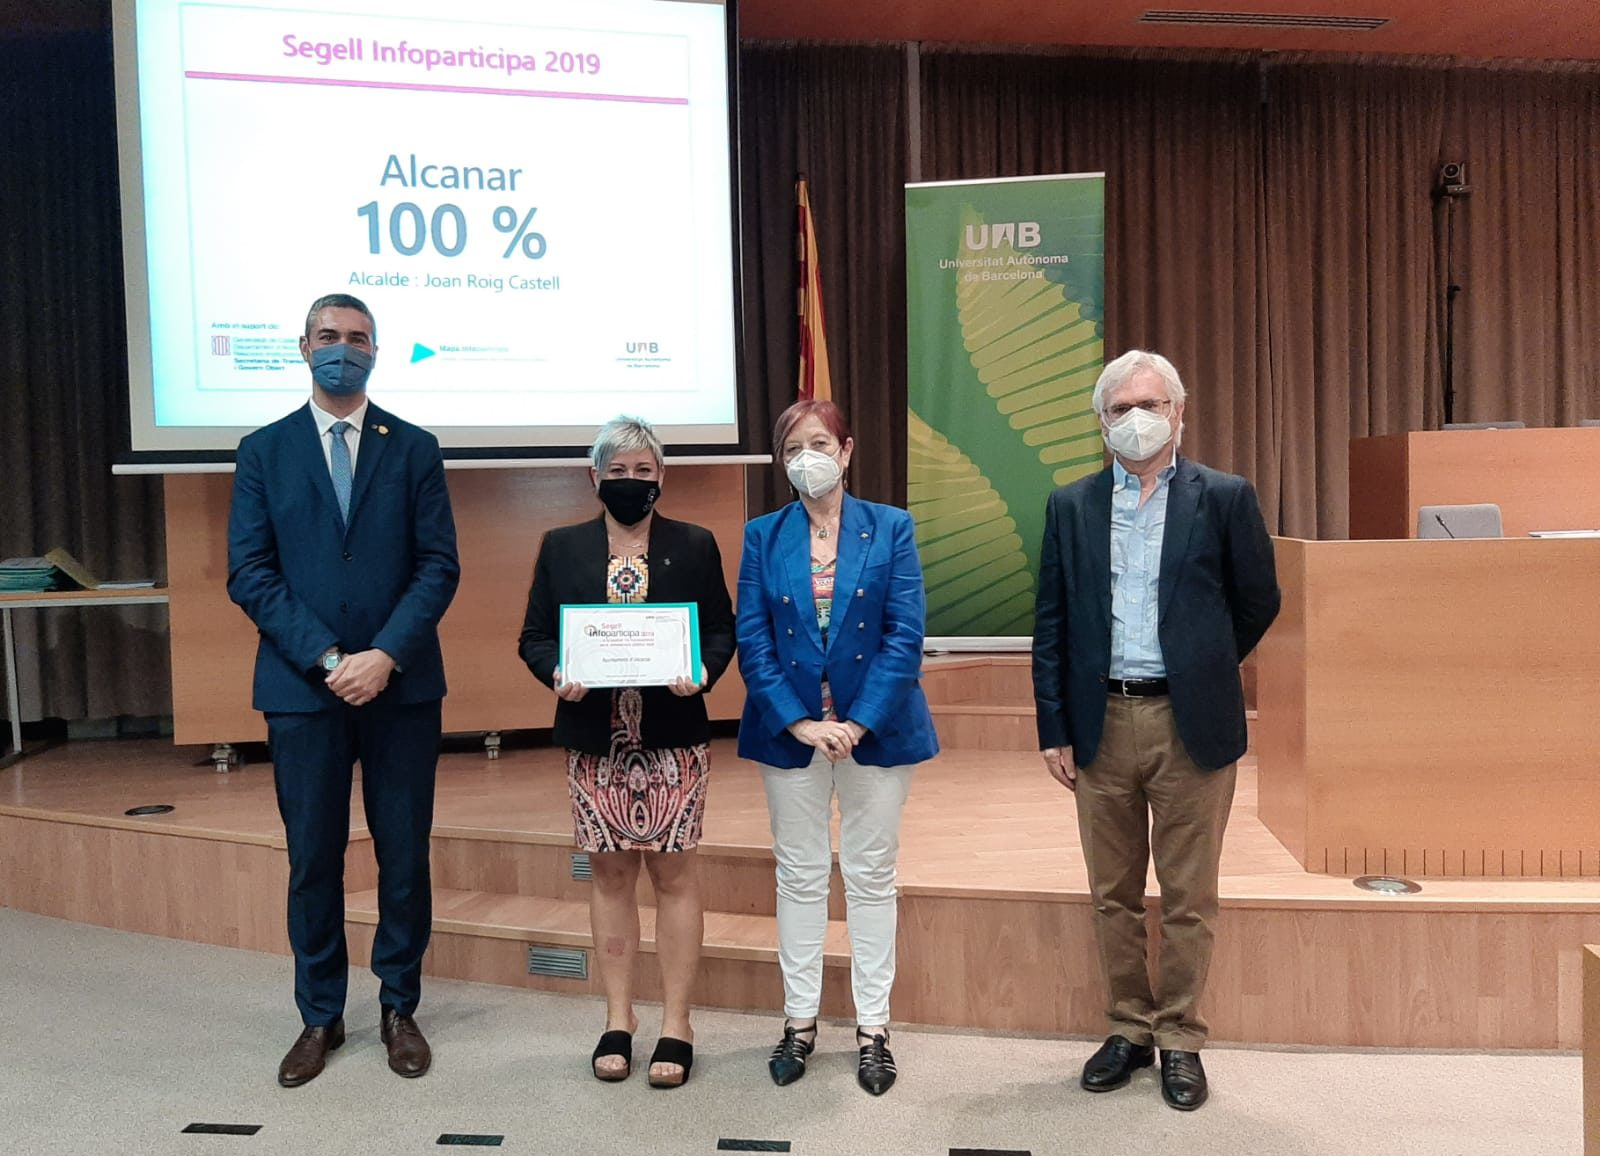 Alcanar, l'únic municipi del Montsià que aconsegueix el Segell Infoparticipa amb un 100% de puntuació